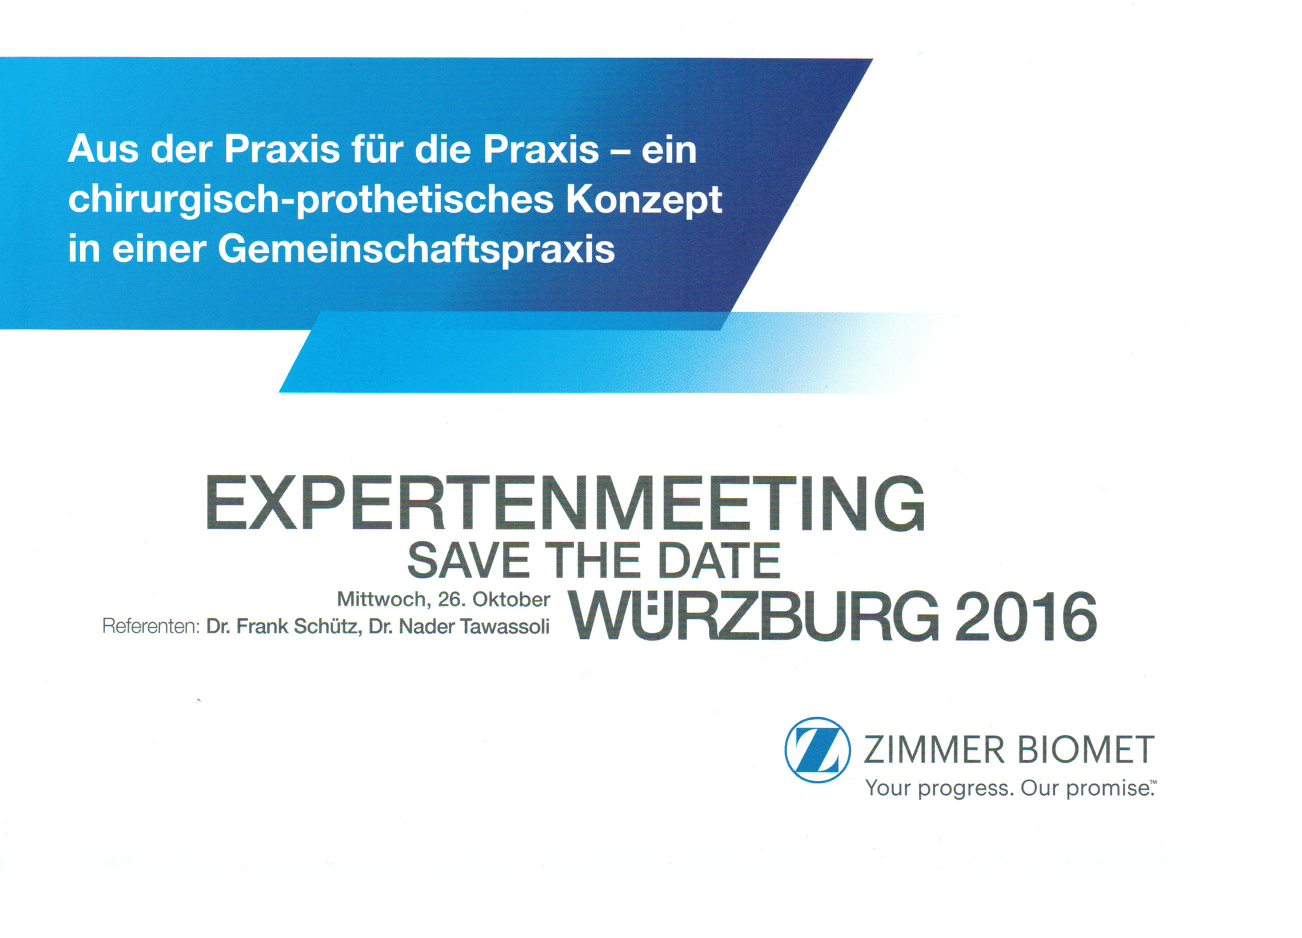 expertenmeeting-okt-2016